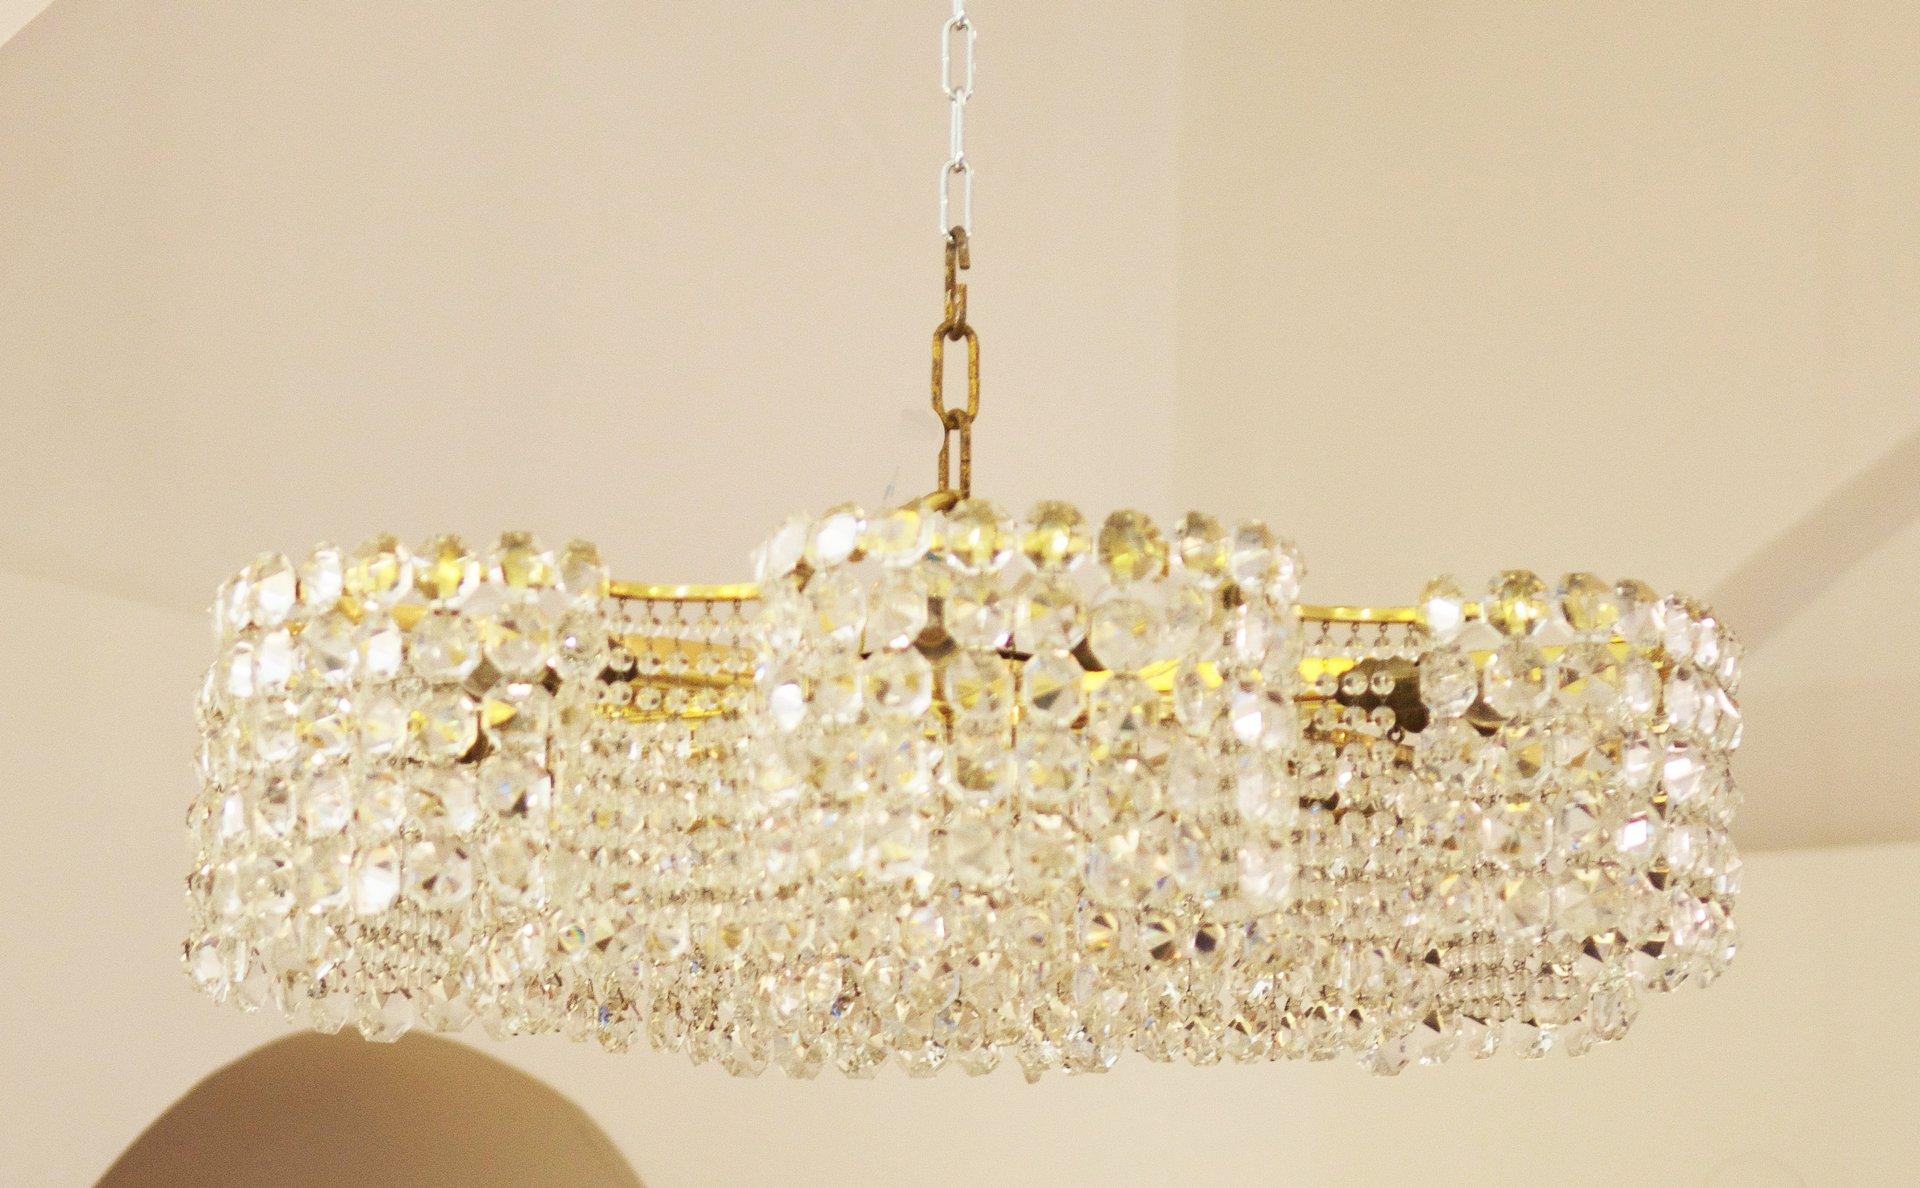 Large cut crystal chandelier by jl lobmeyr for lobmeyr 1950 for large cut crystal chandelier by jl lobmeyr for lobmeyr 1950 aloadofball Image collections